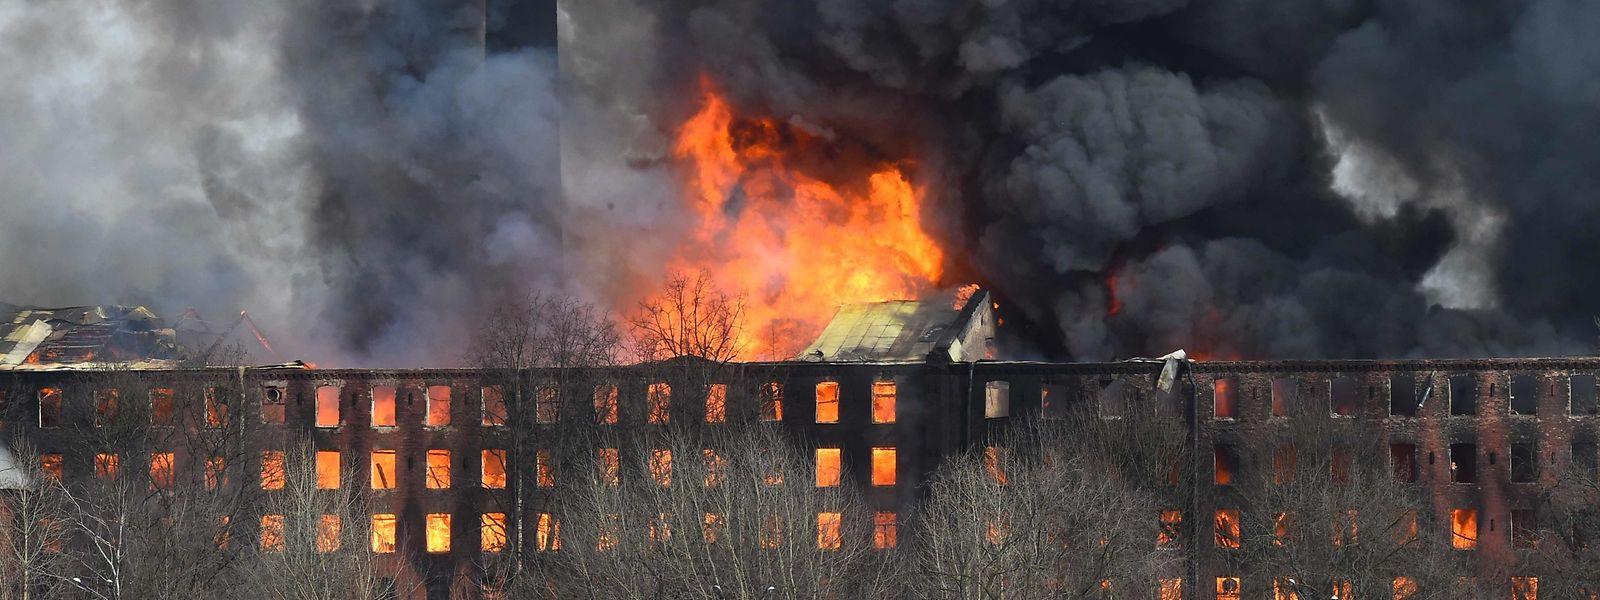 Mehr als 300 Einsatzkräfte kämpfen gegen den Brand in einem historischen Fabrikgebäude.